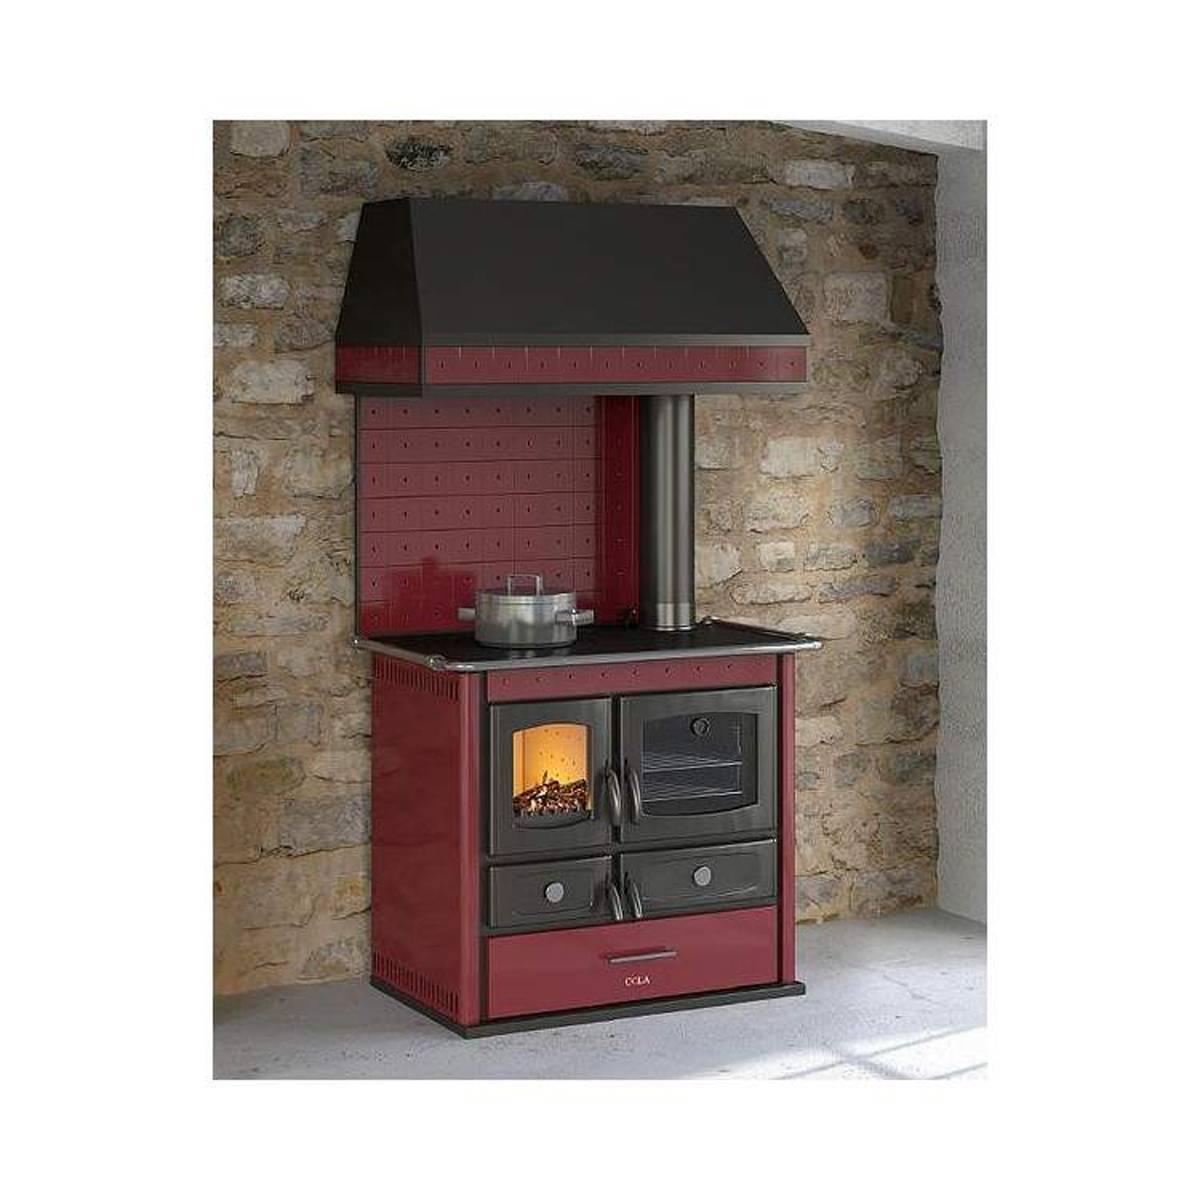 Cucina a legna idro anselmo cola termo helena rustic 14kw - Prezzi cucine a legna ...